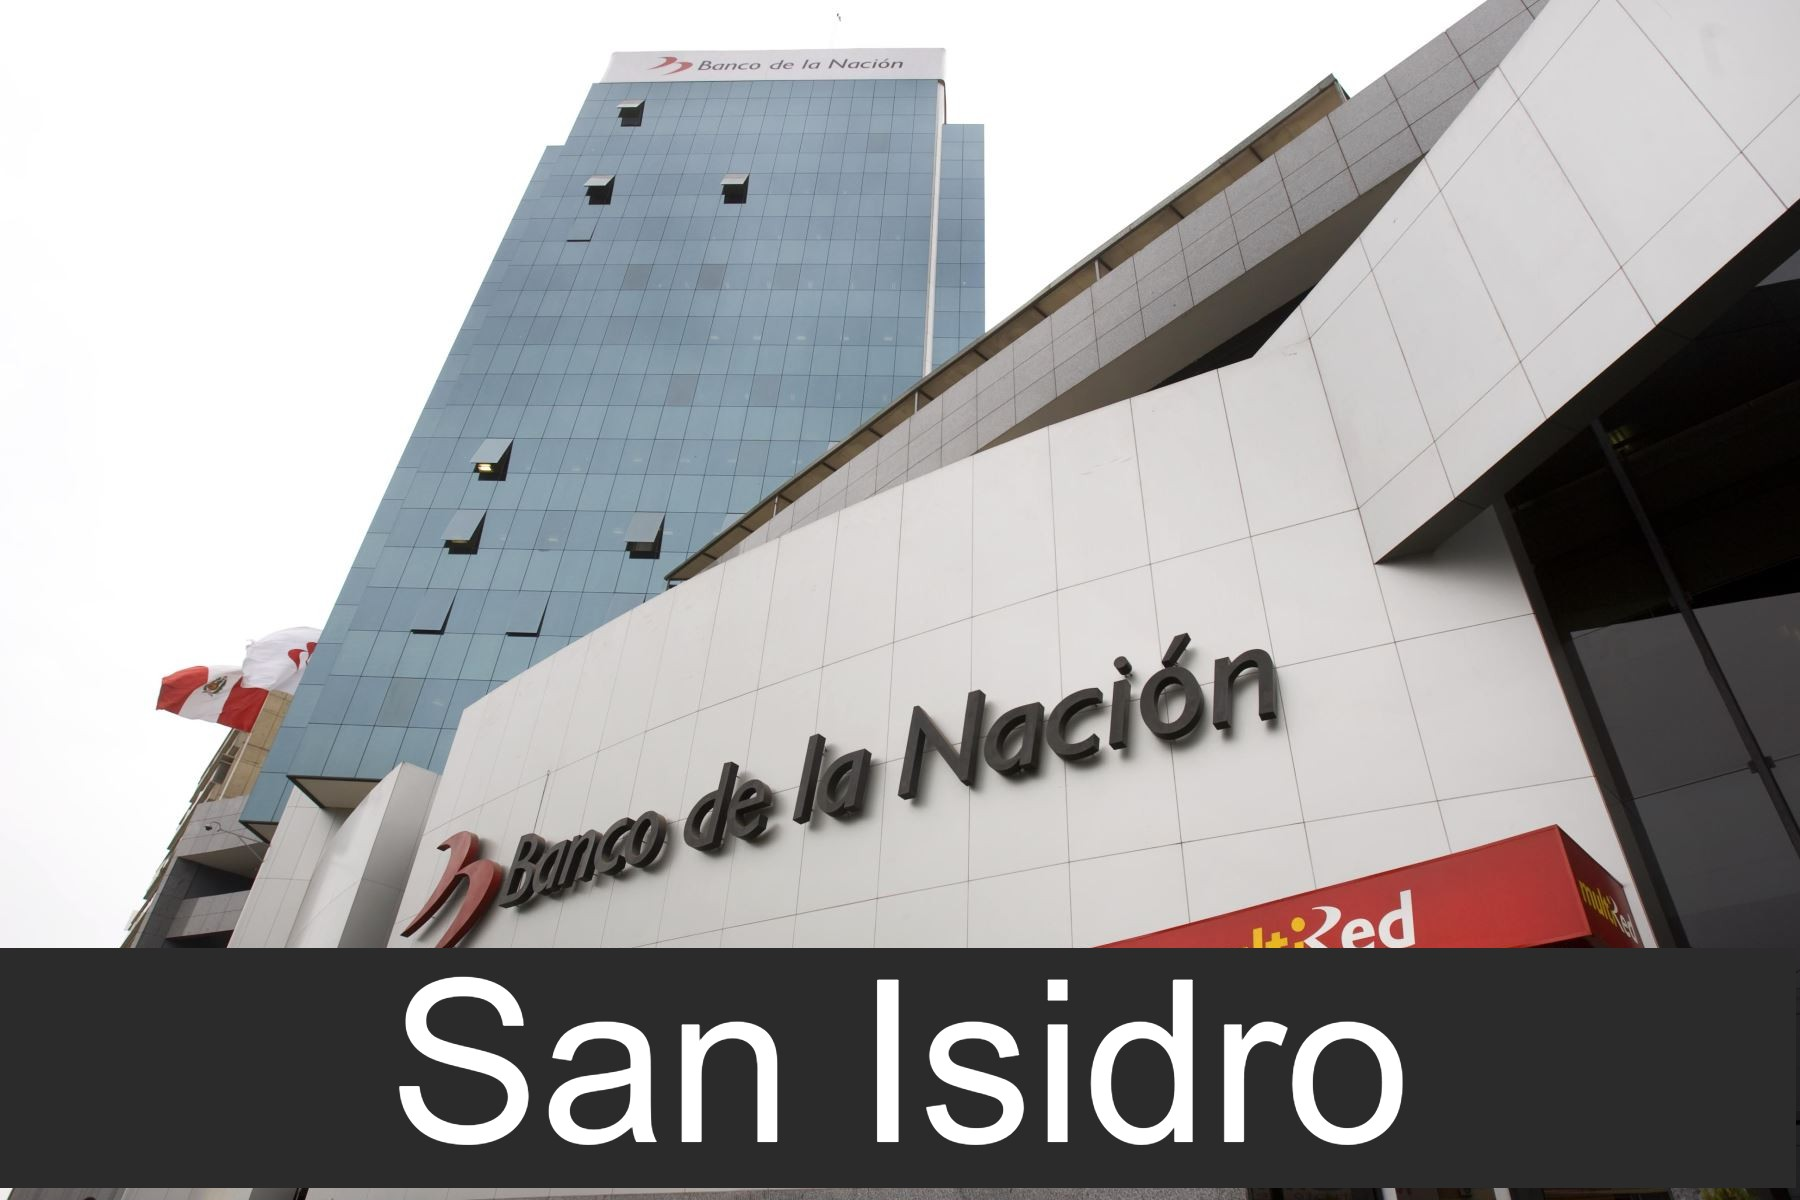 banco de la nacion en San Isidro